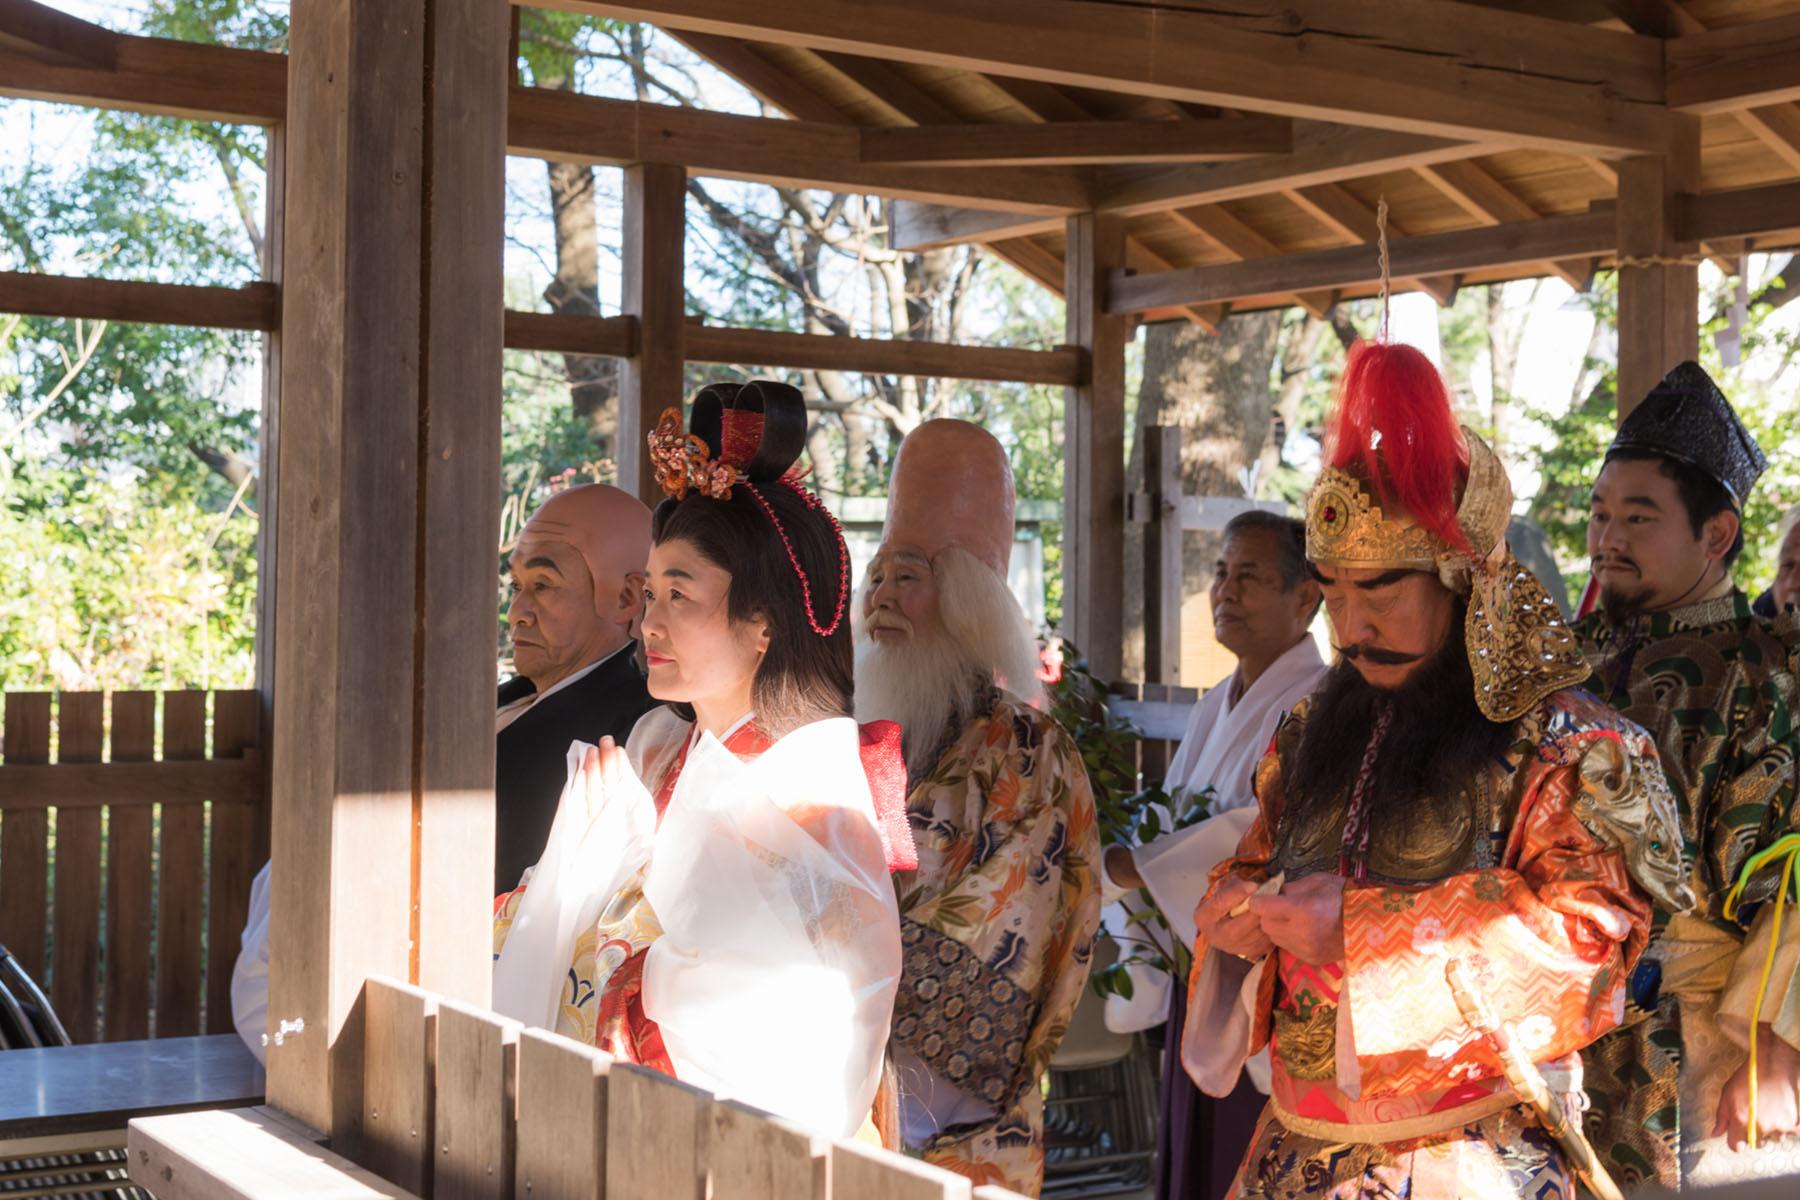 与野七福神仮装パレード 与野本町通り周辺